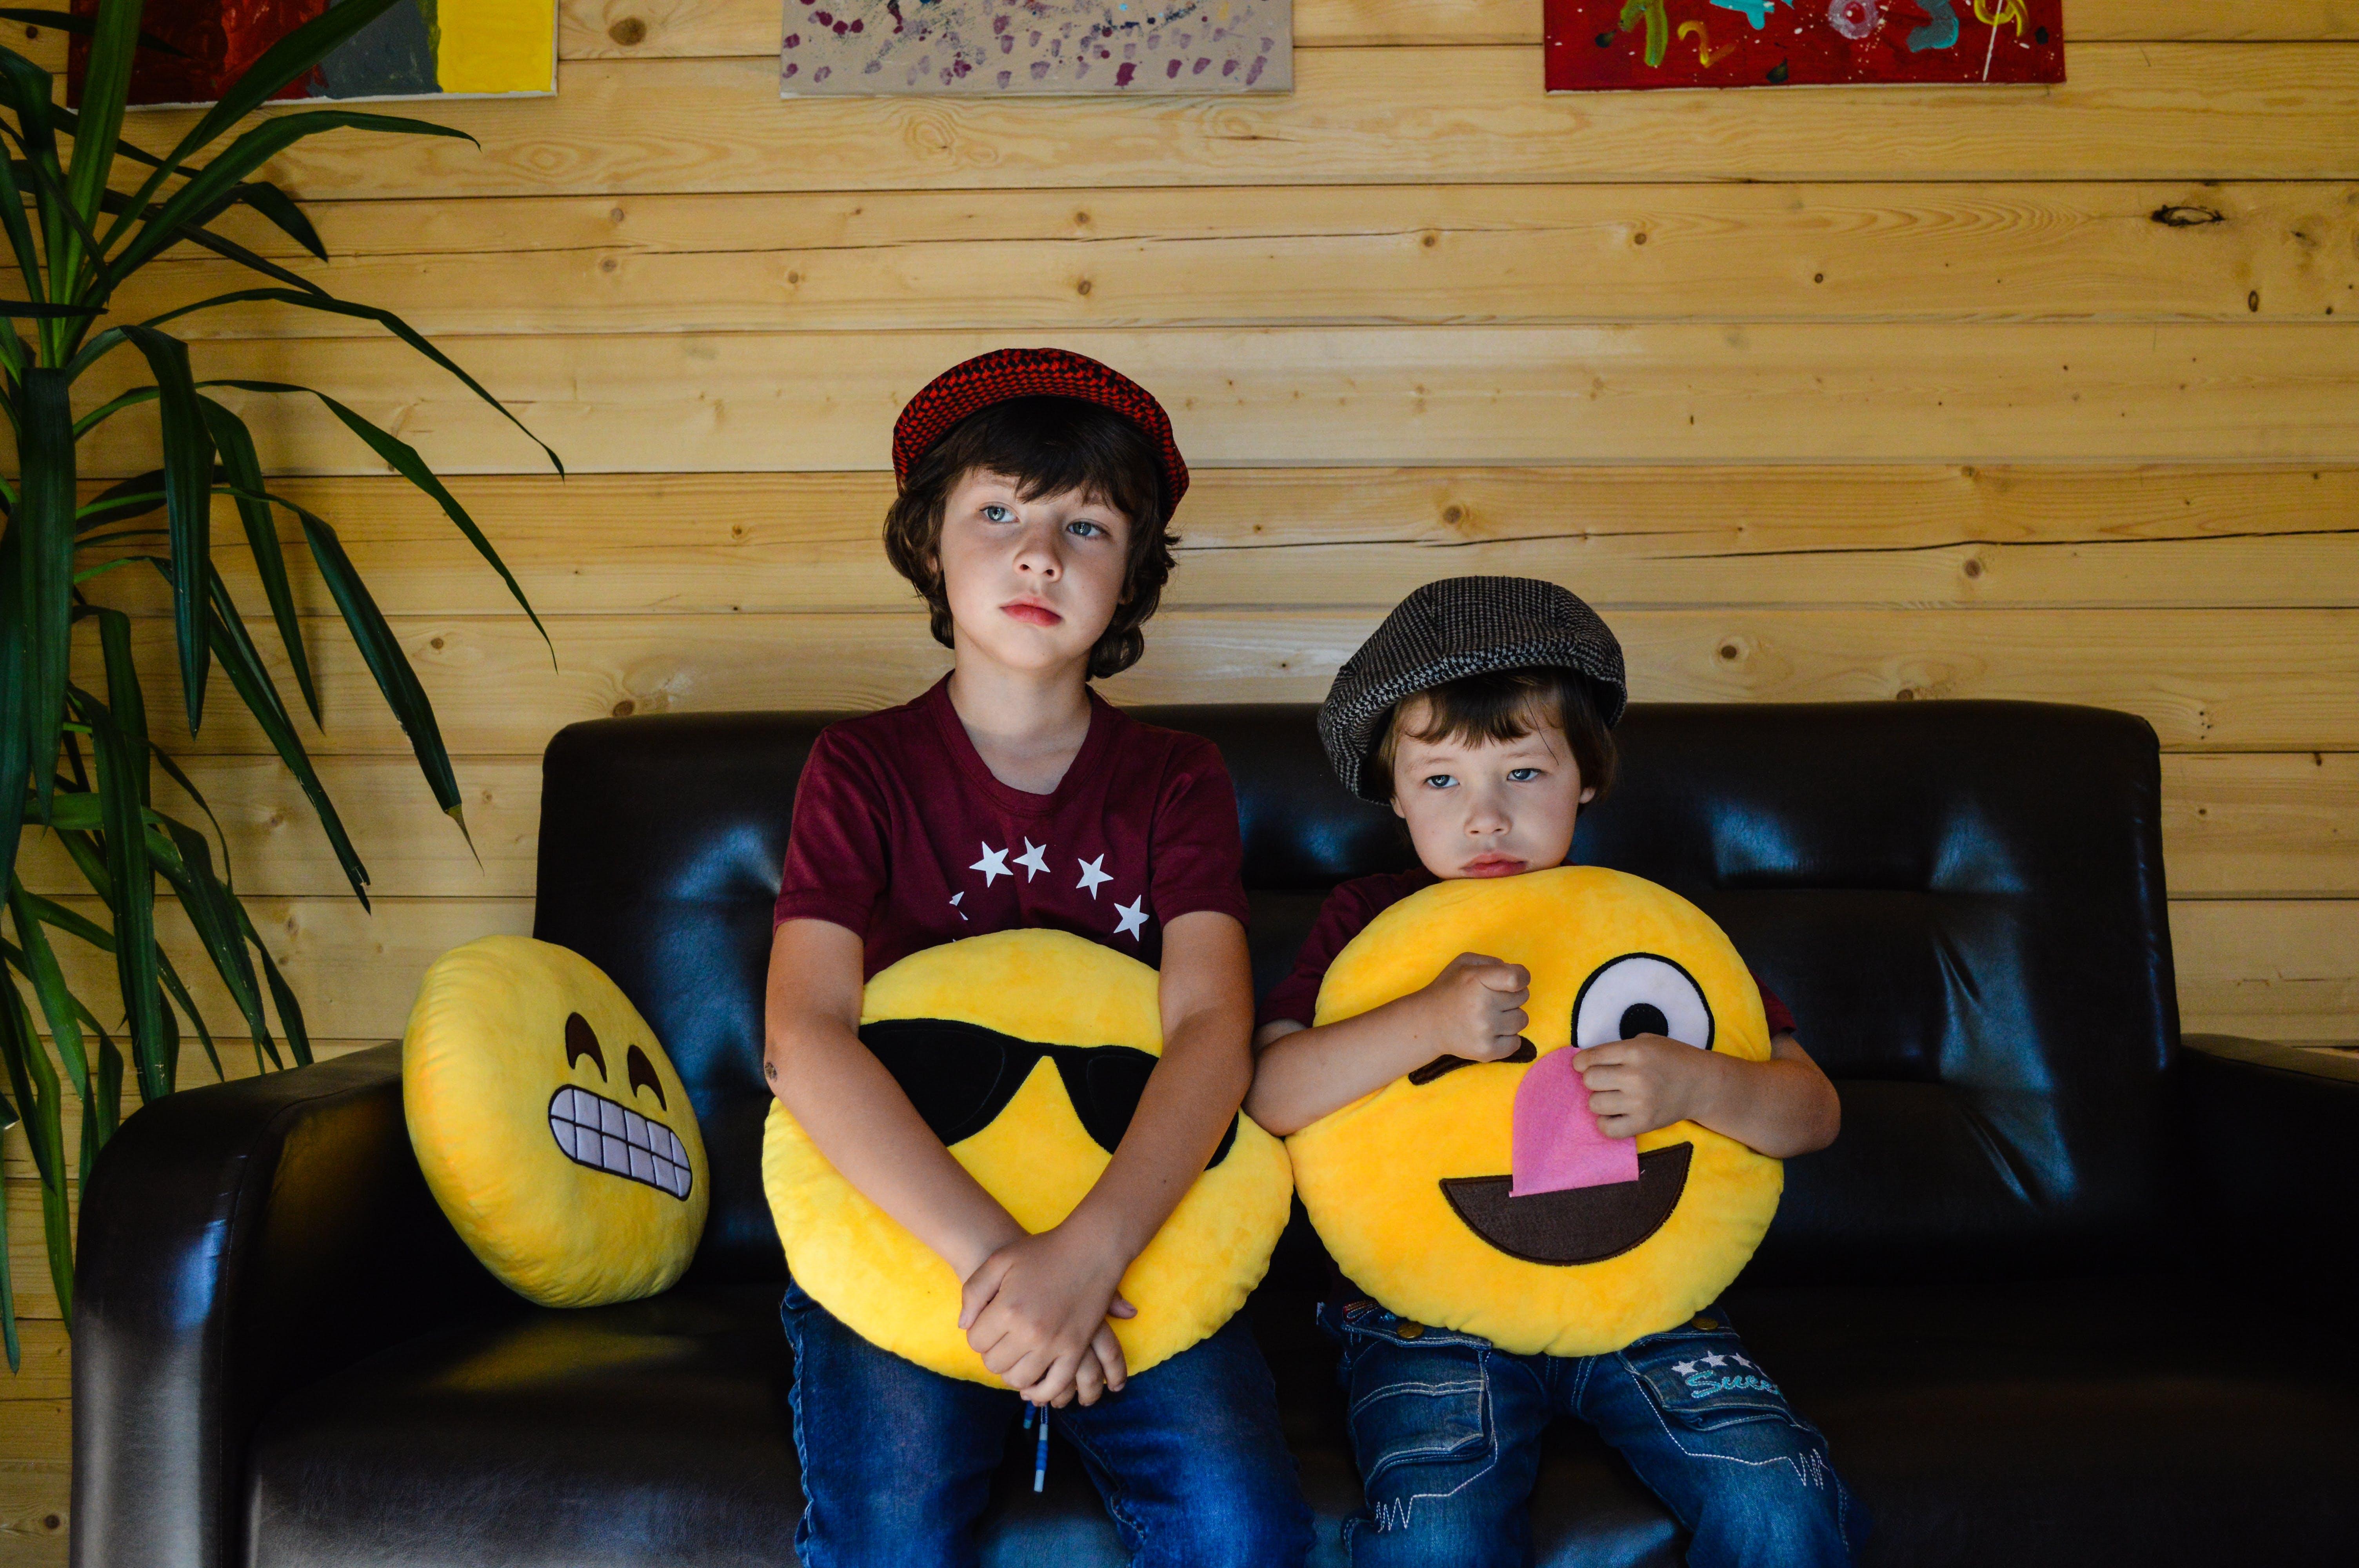 Free stock photo of boys, caps, children, children's fashion